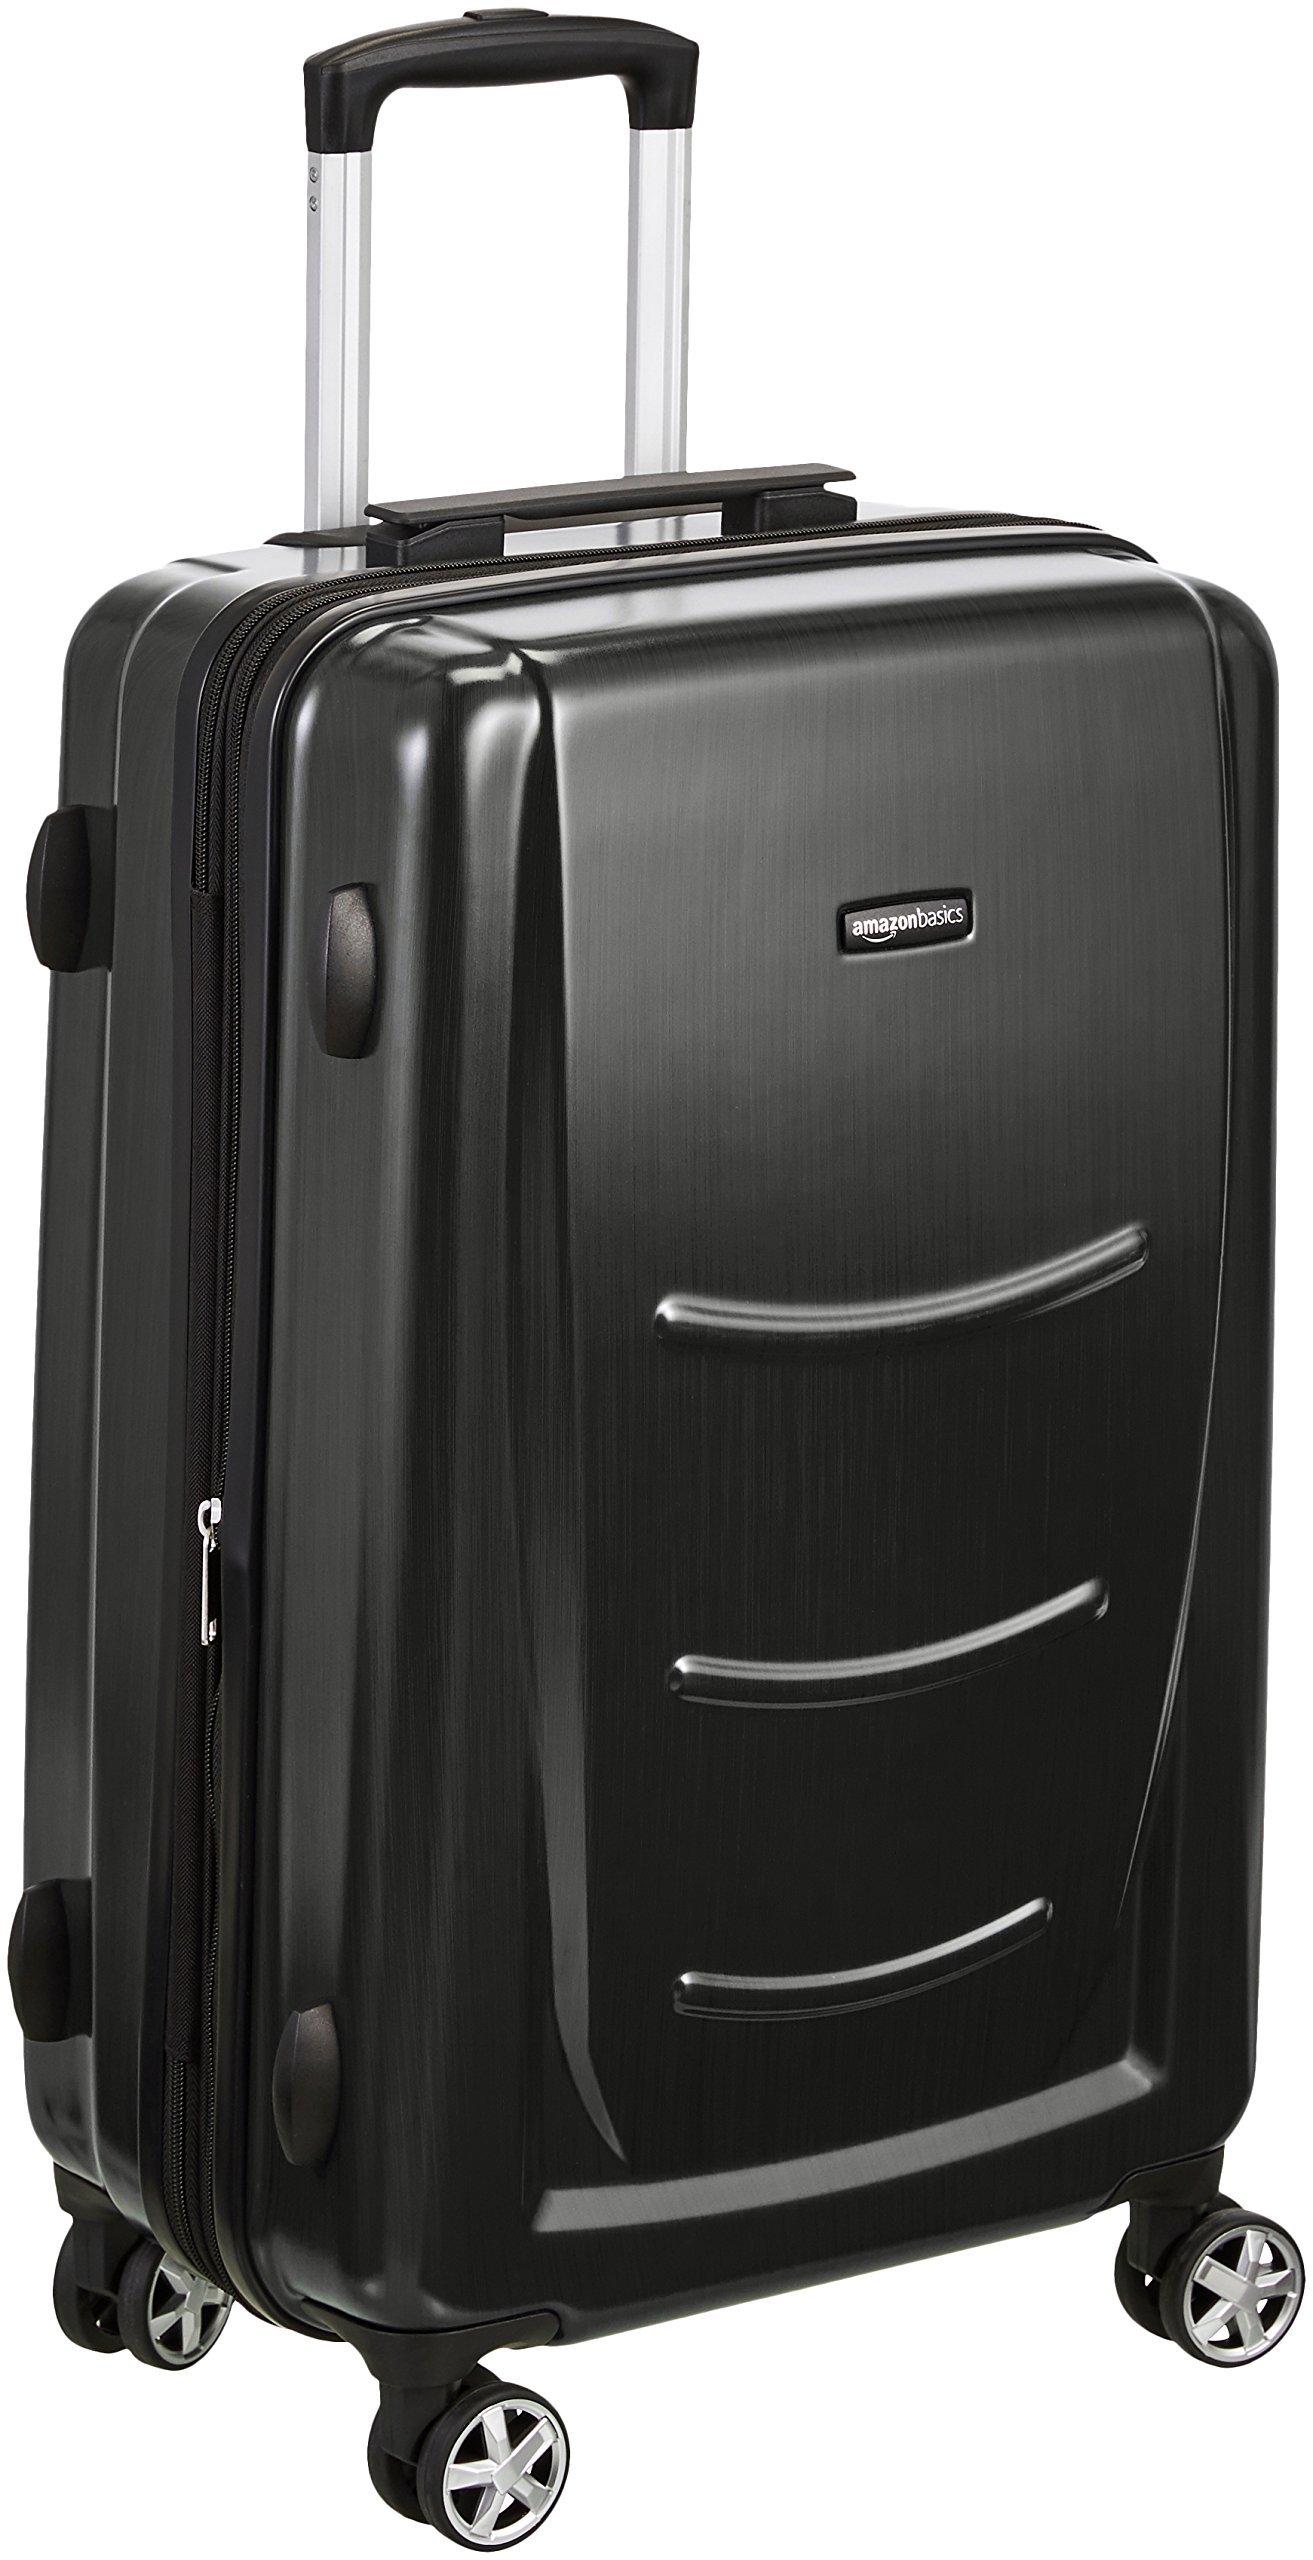 AmazonBasics Hard Shell Carry On Spinner Suitcase Luggage - 28 Inch, Slate Grey